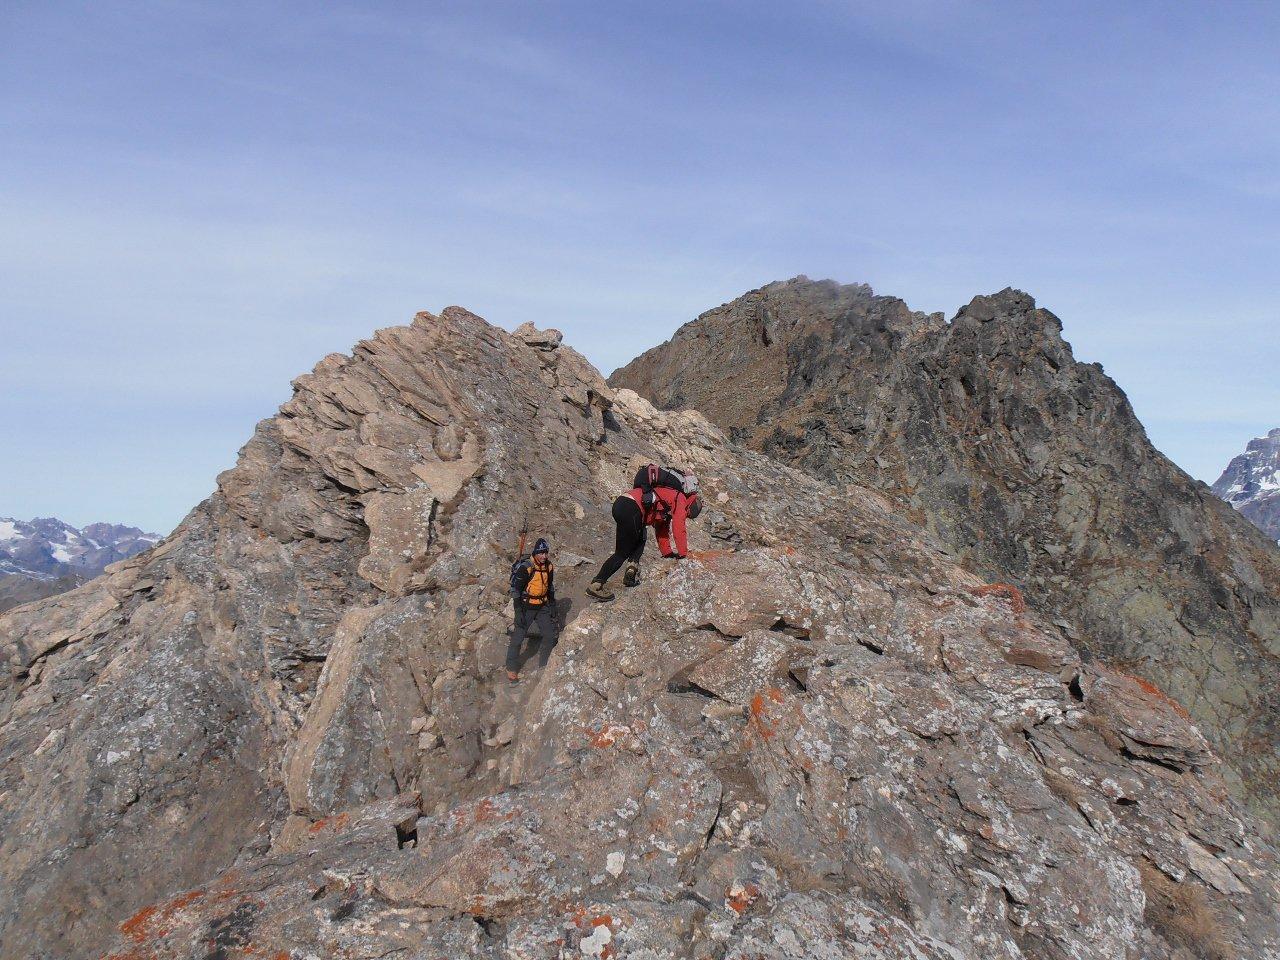 il passaggio più stretto se si segue la cresta - aggirabile con sentiero su versante ovest